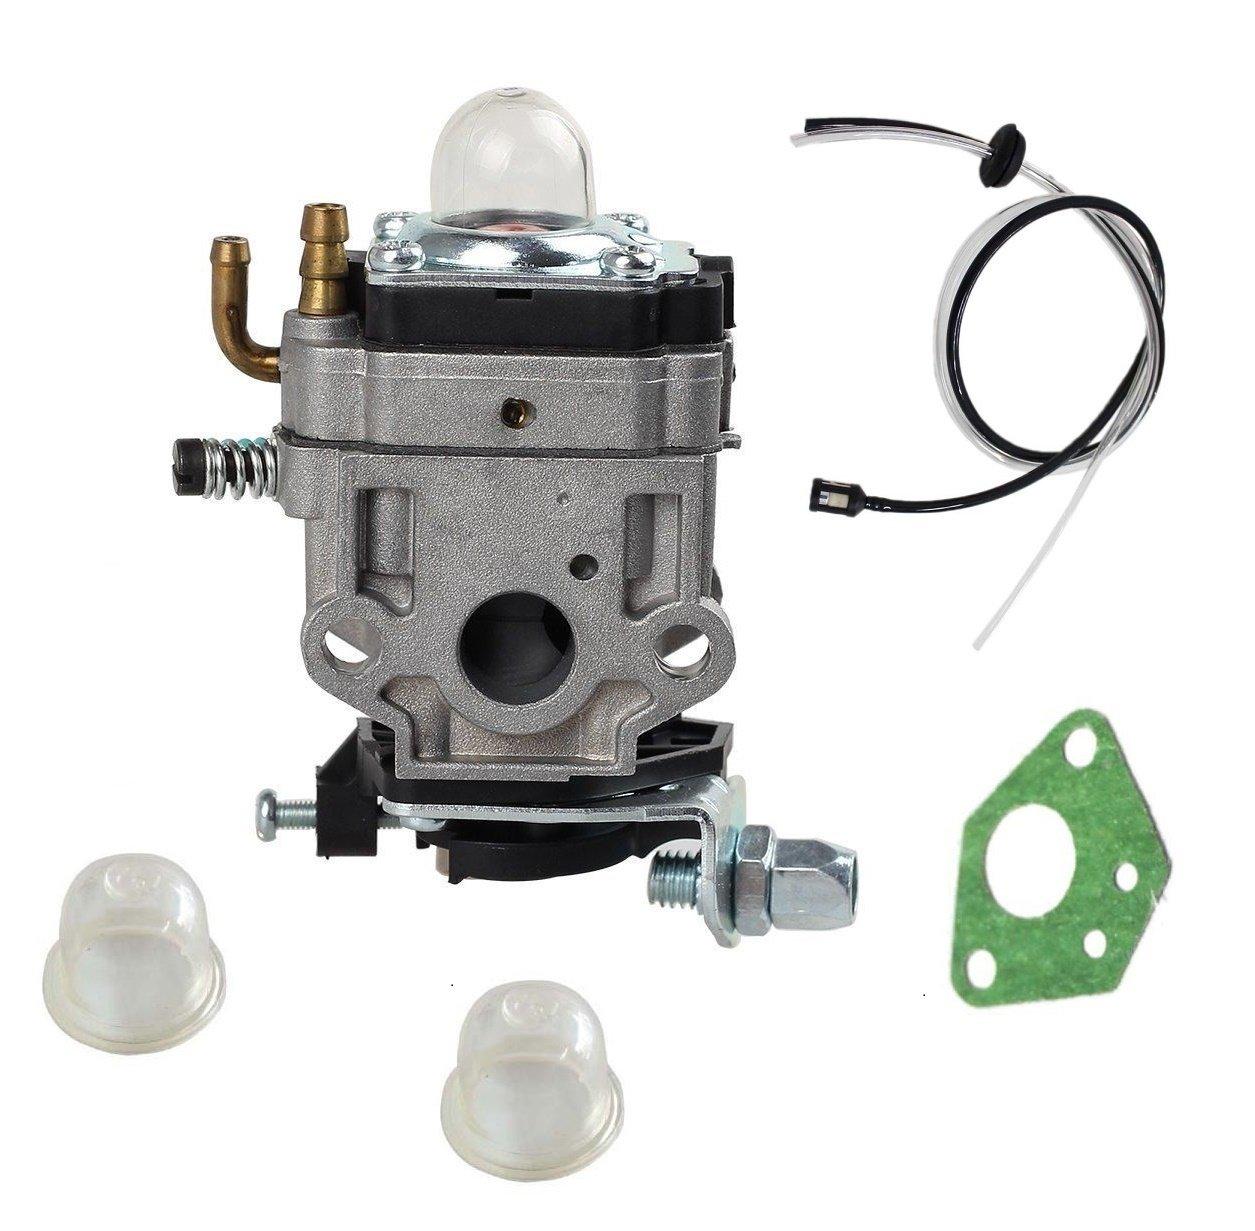 Carburetor bulb Gasket Fuel Lines Fits For 43cc 47cc 49cc 50cc 2 Stroke MiniPocket Bike